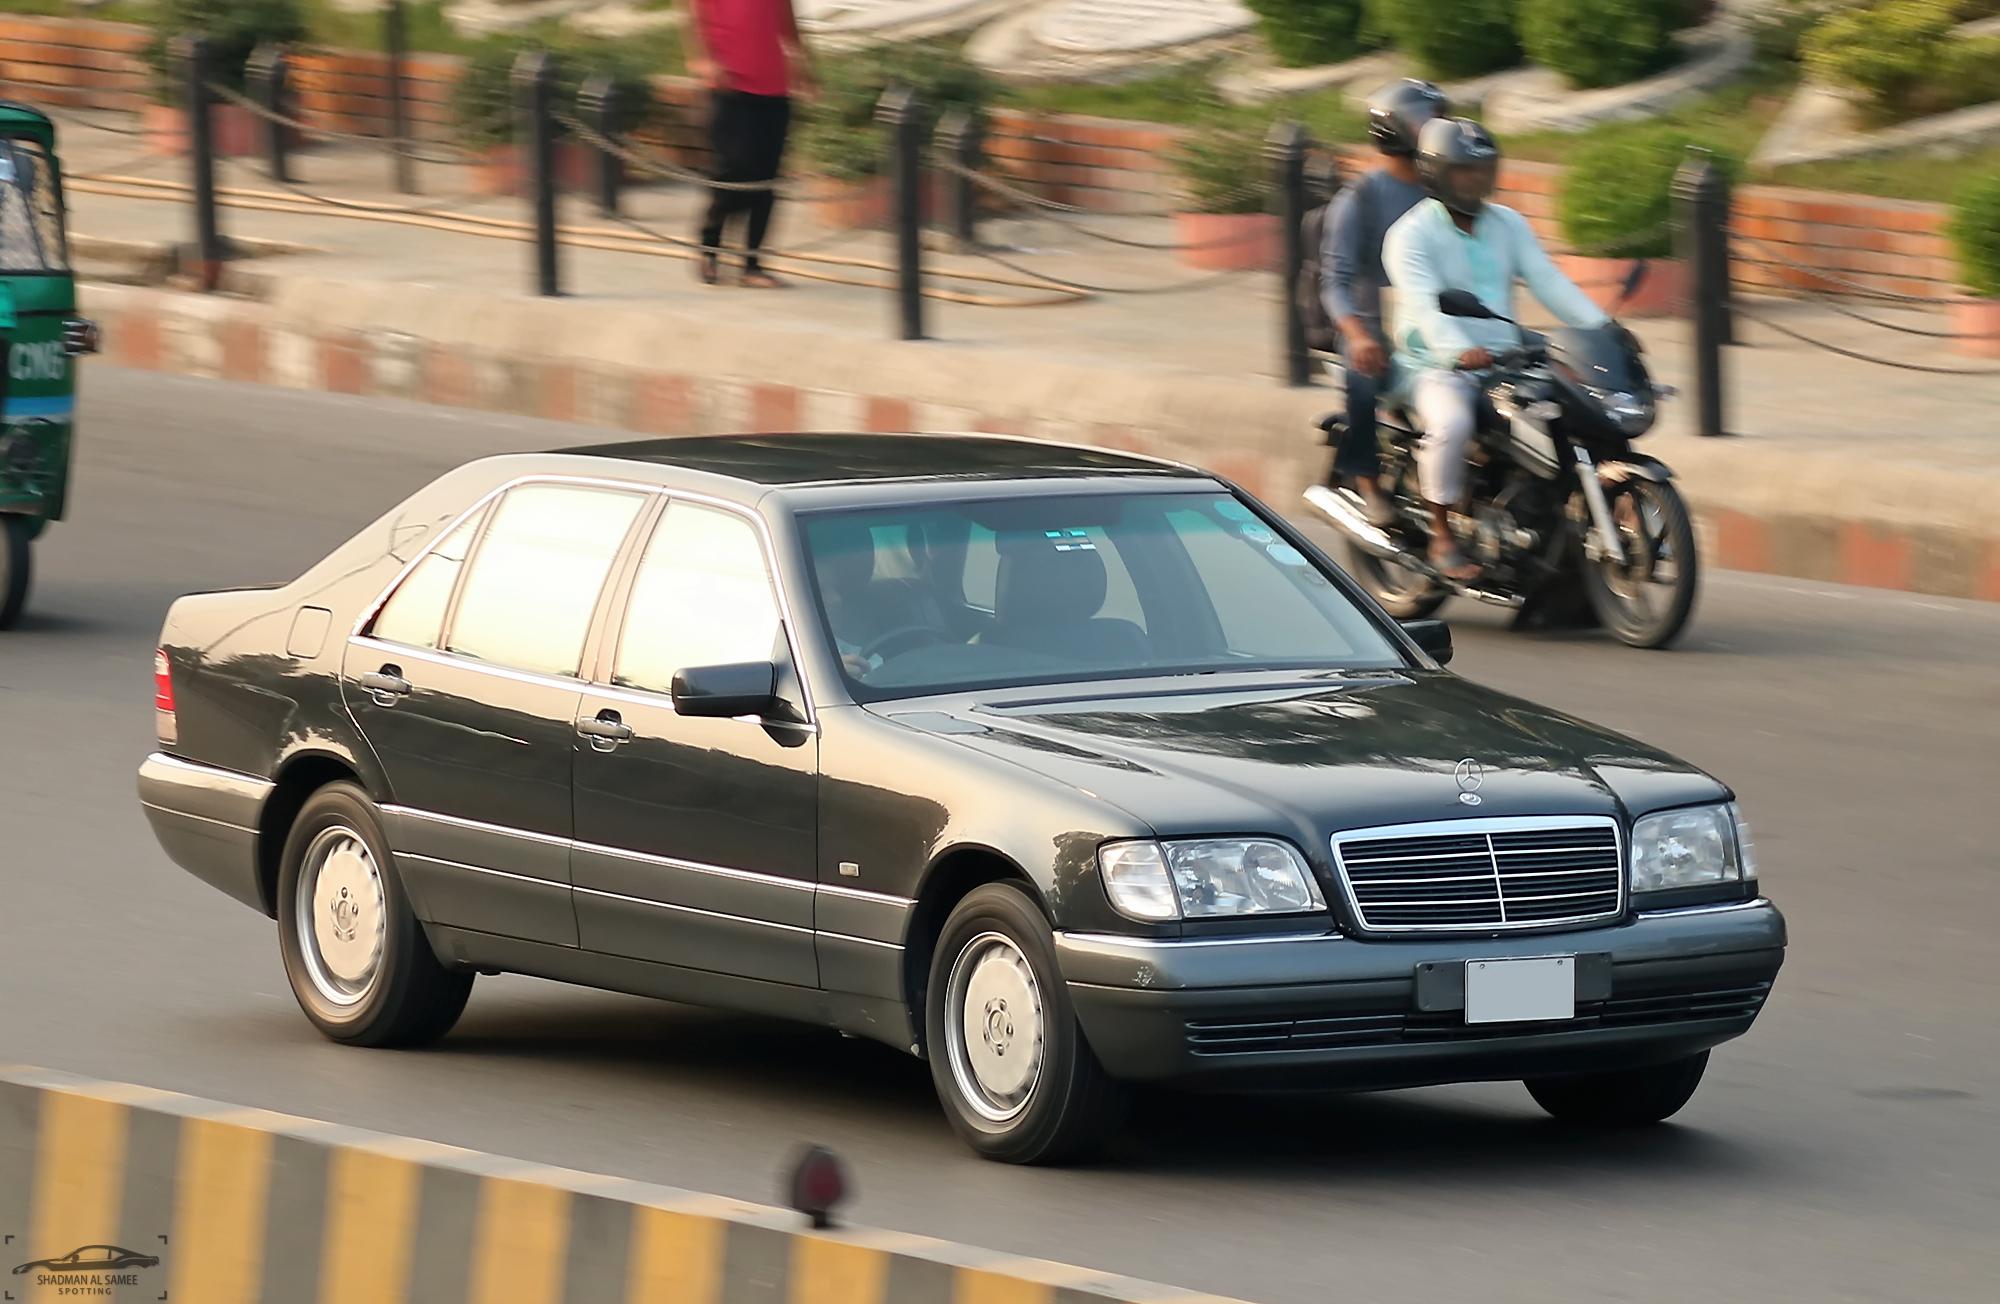 Mercedes-Benz_S-Class_(W140),_Bangladesh._(25442602938)